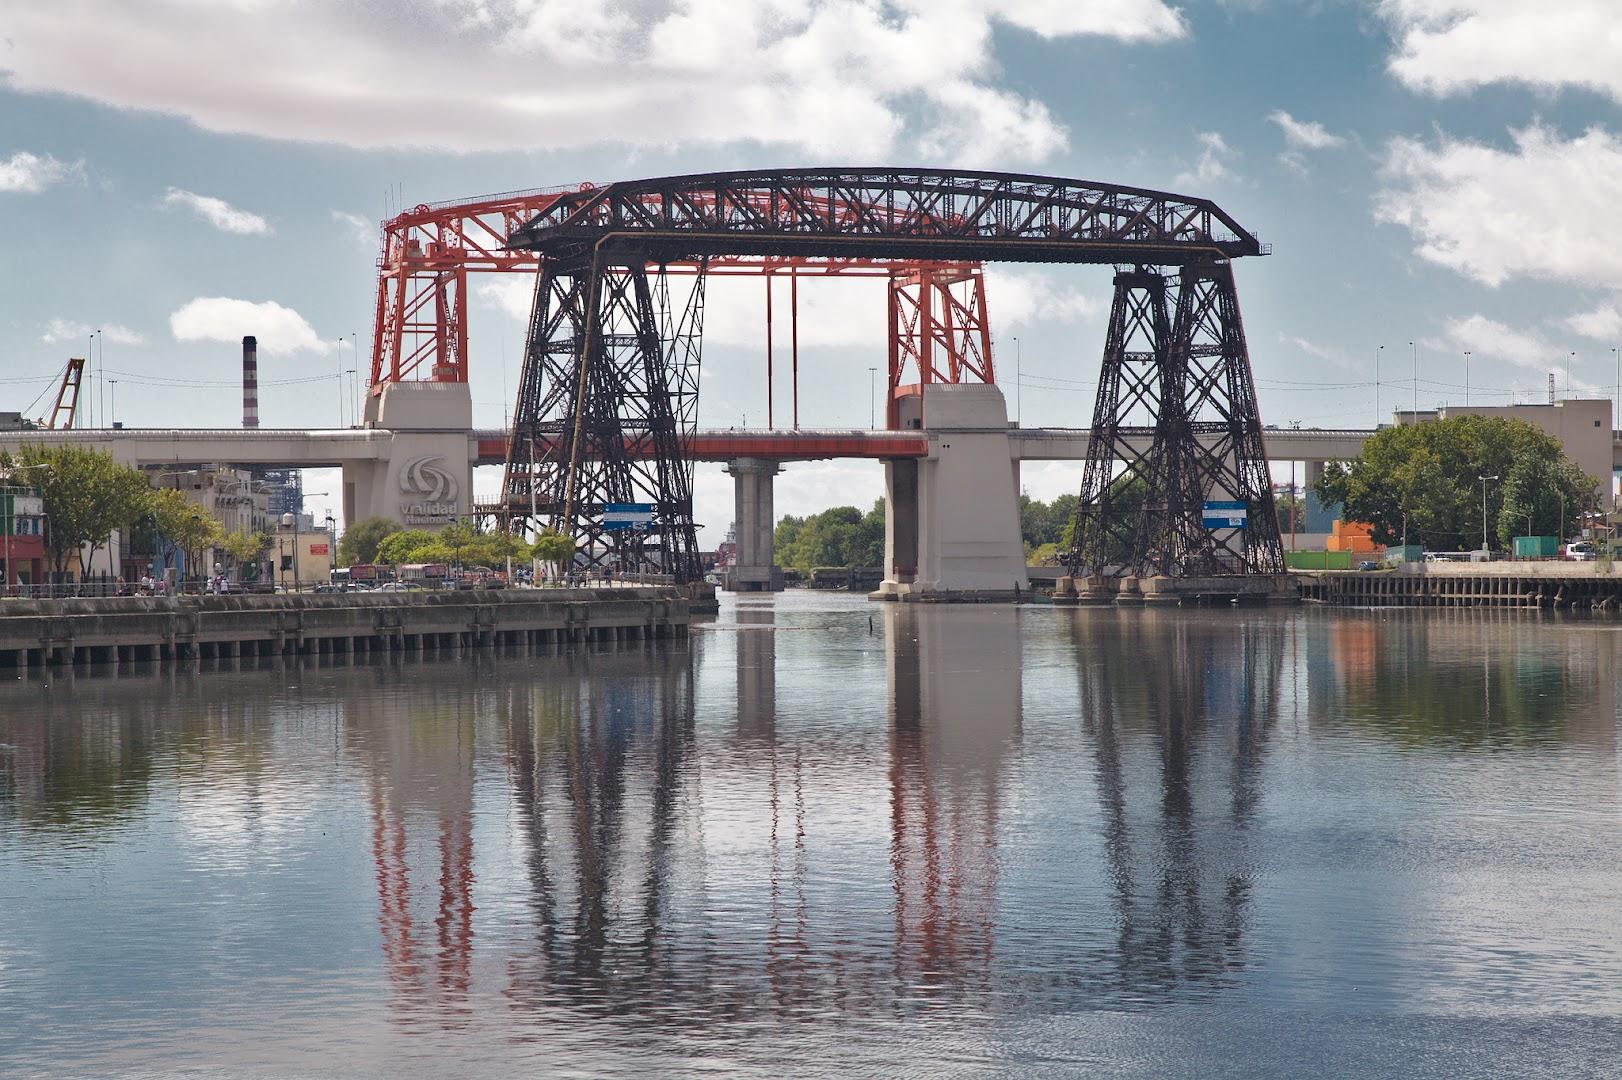 La Boca bridge, sort of BA's East End